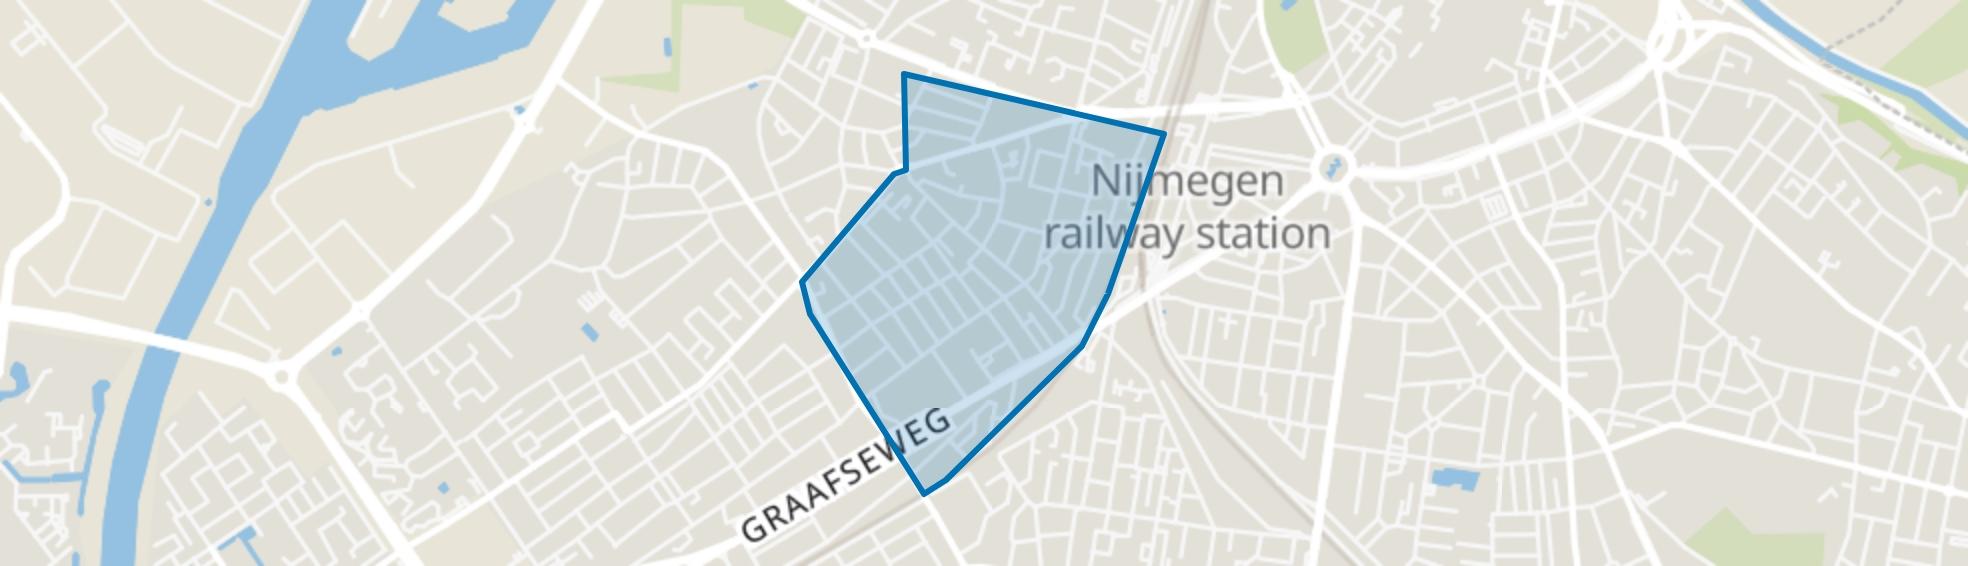 Wolfskuil, Nijmegen map